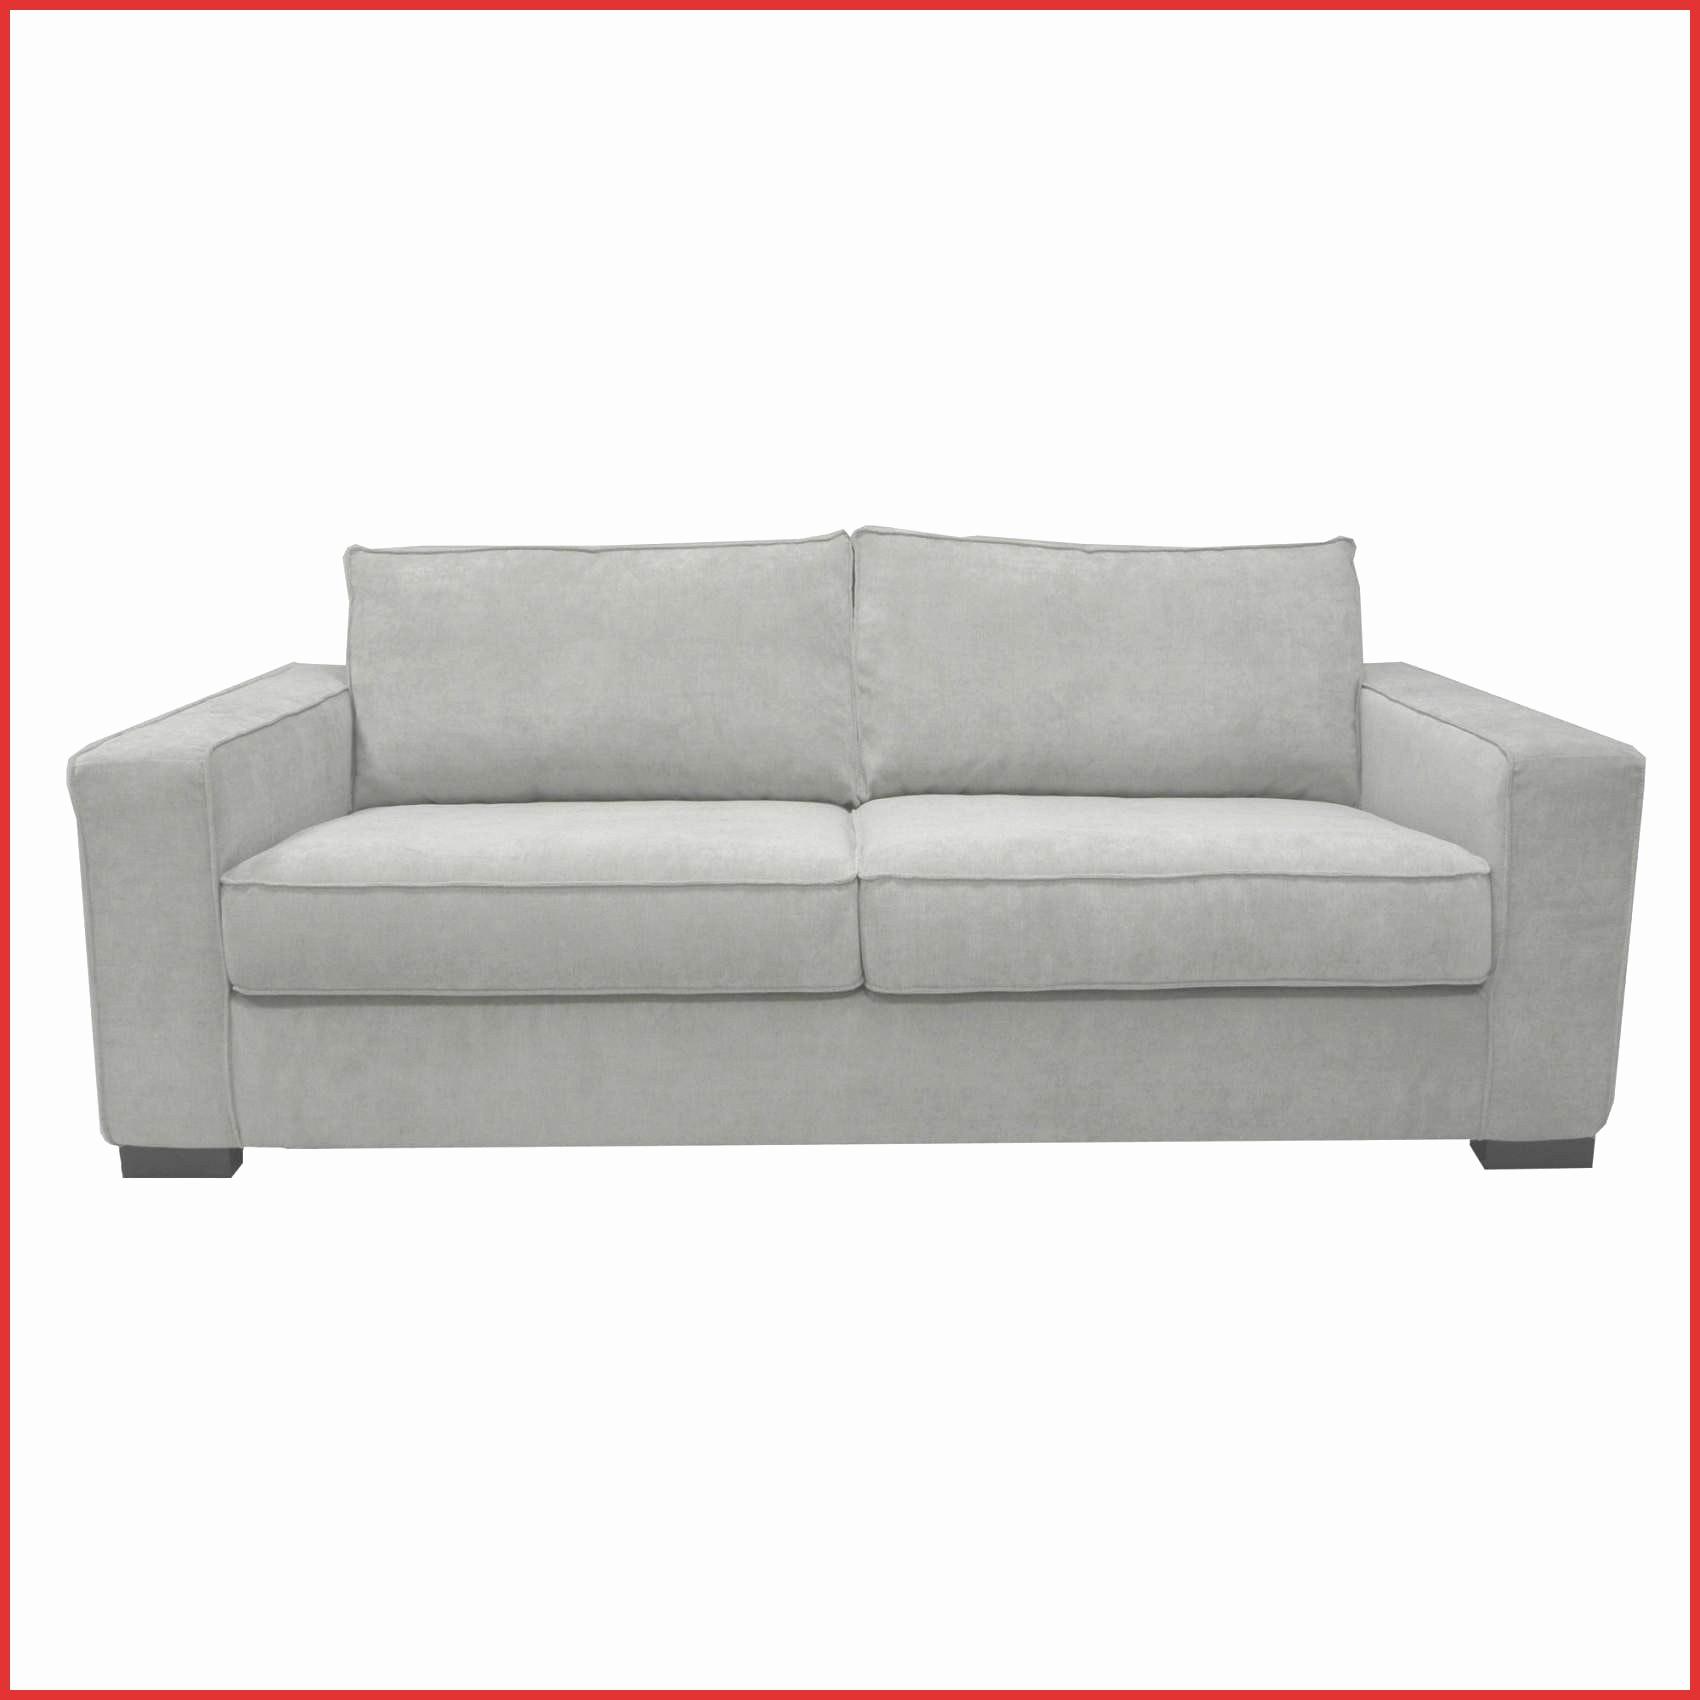 Canapé Conforama Angle Frais Images Canap Convertible 3 Places Conforama 11 Lit 2 Pas Cher Ikea but